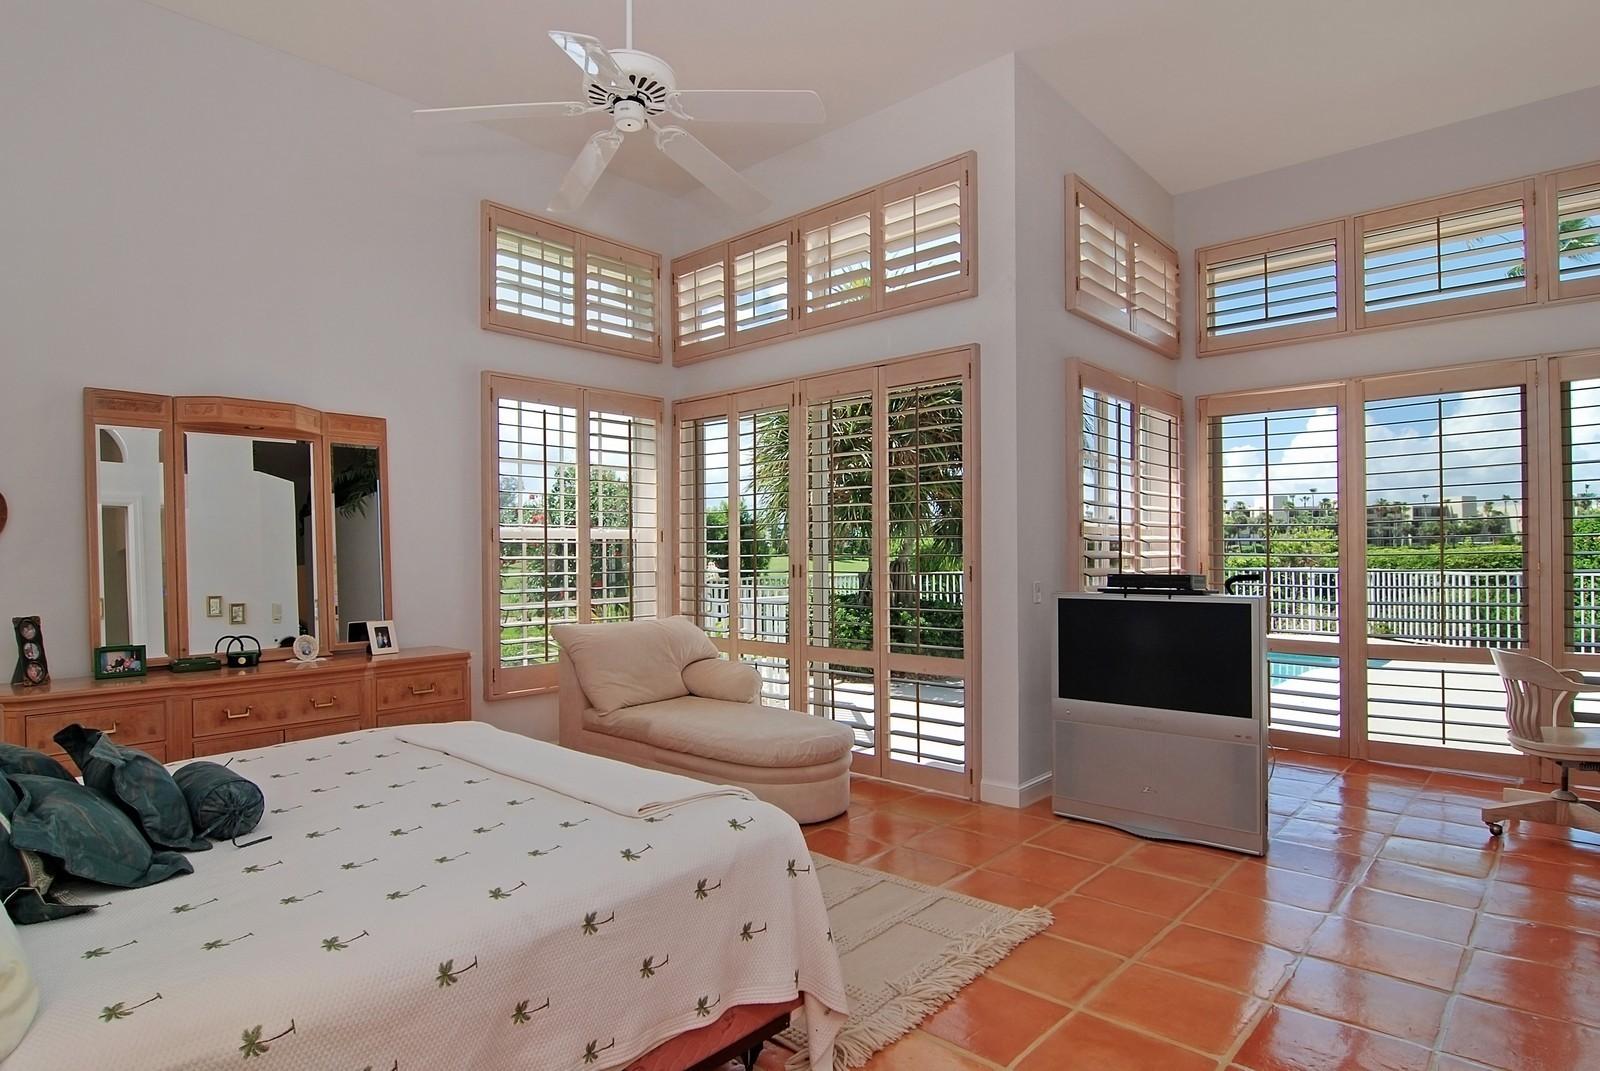 Real Estate Photography - 7000 SE Lakeview, Stuart, FL, 34996 - Master Bedroom